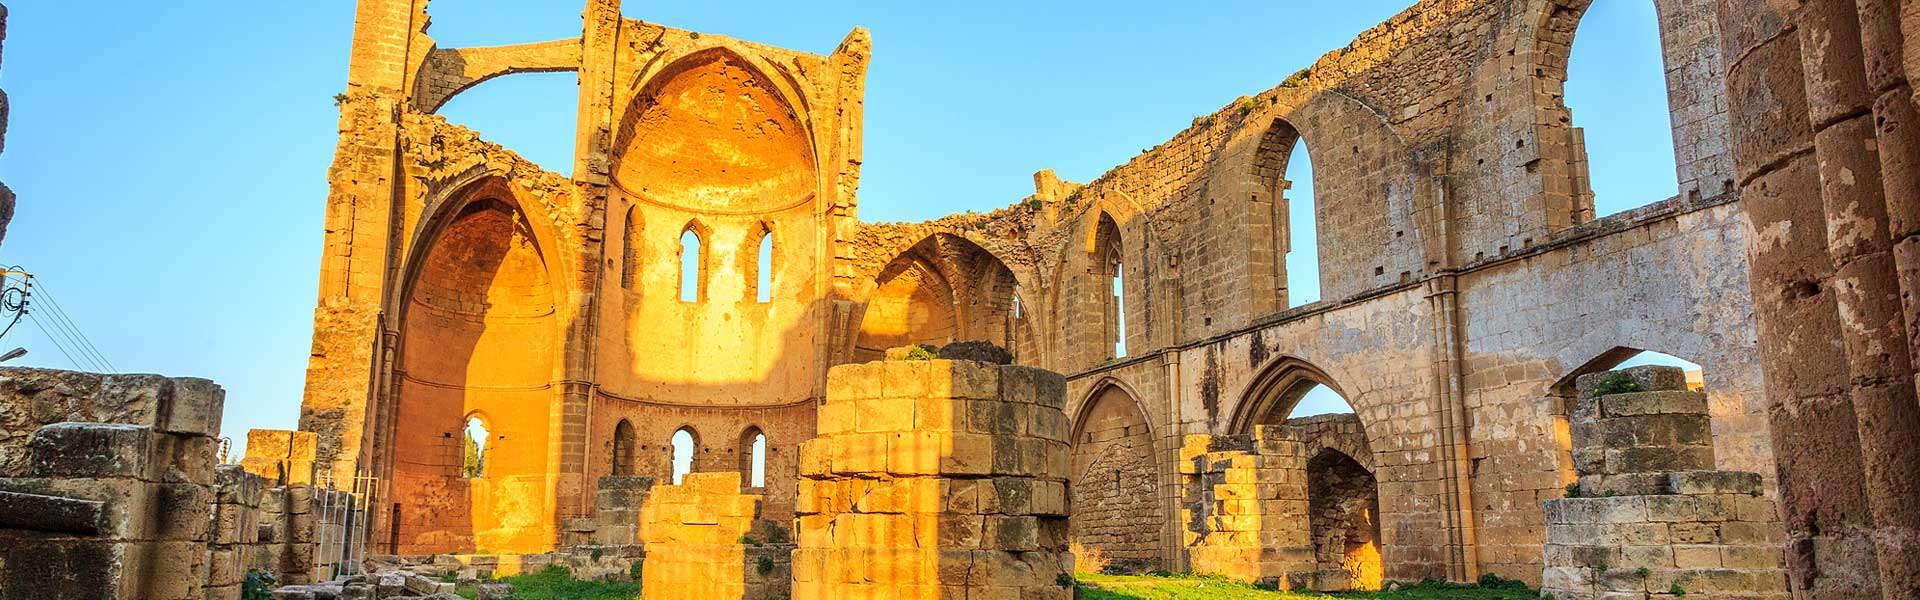 Famagusta - Sehenswürdigkeiten in der historischen Stadt